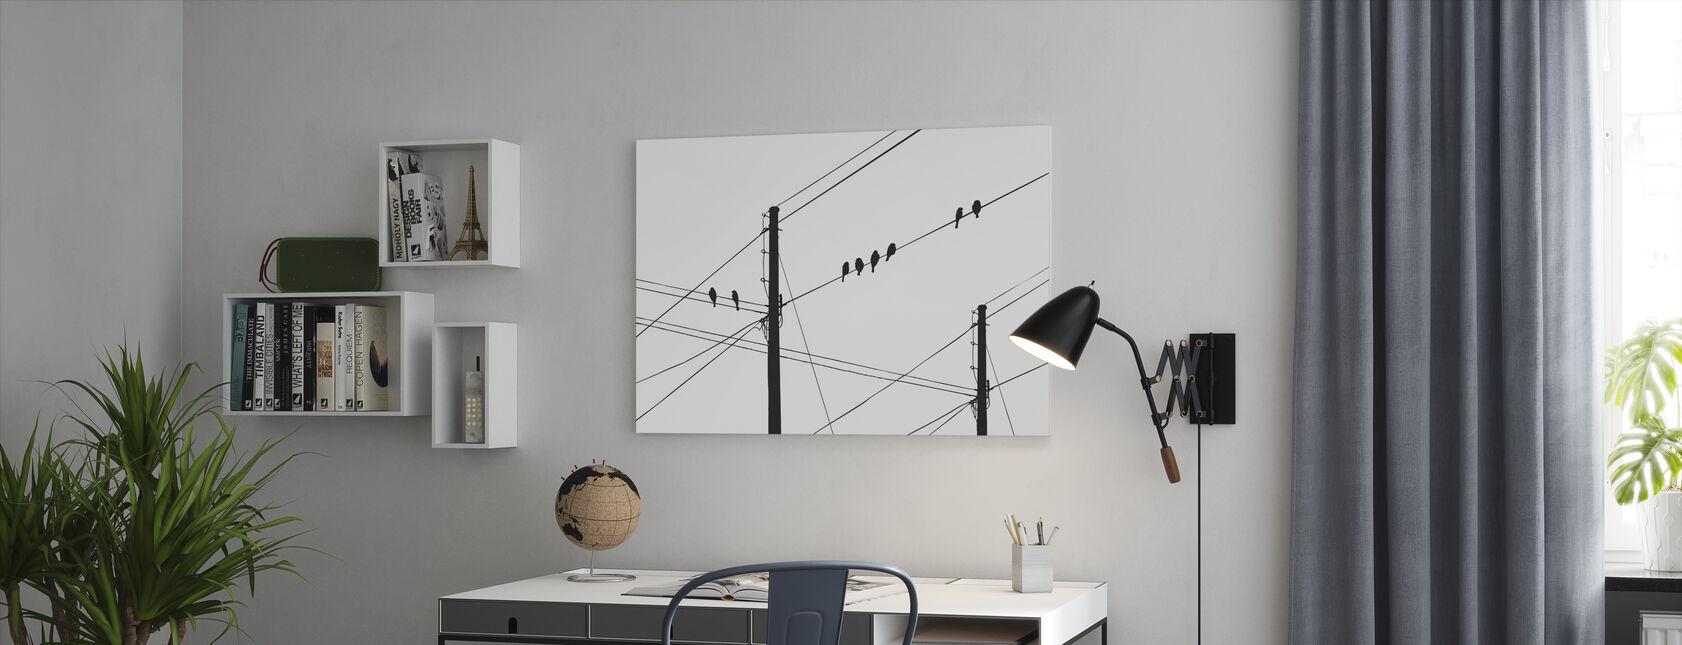 Powerlines - Musta - Canvastaulu - Toimisto